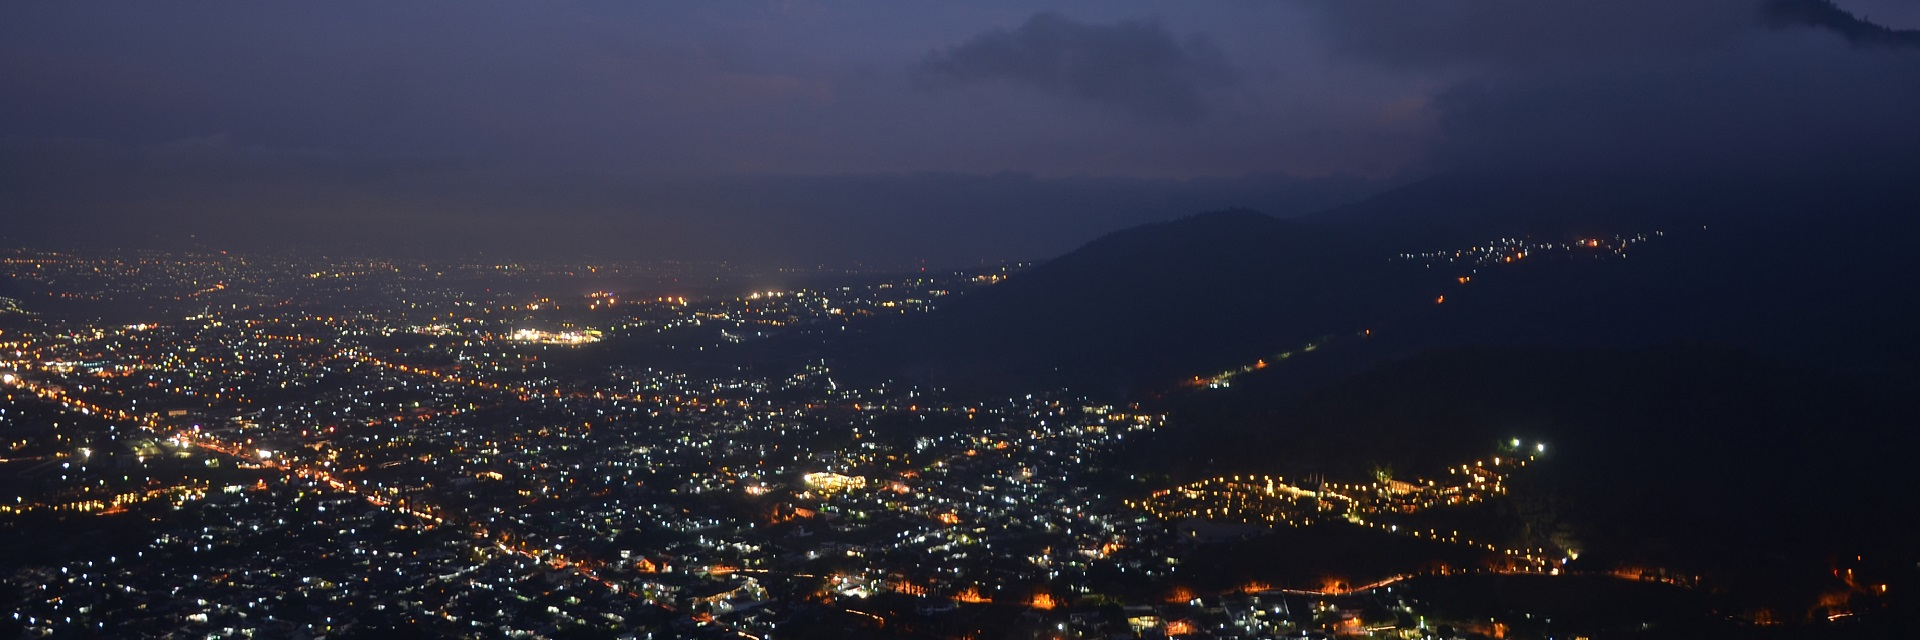 7 Destinasi Wisata di Malang Raya dengan Udara Super Sejuk